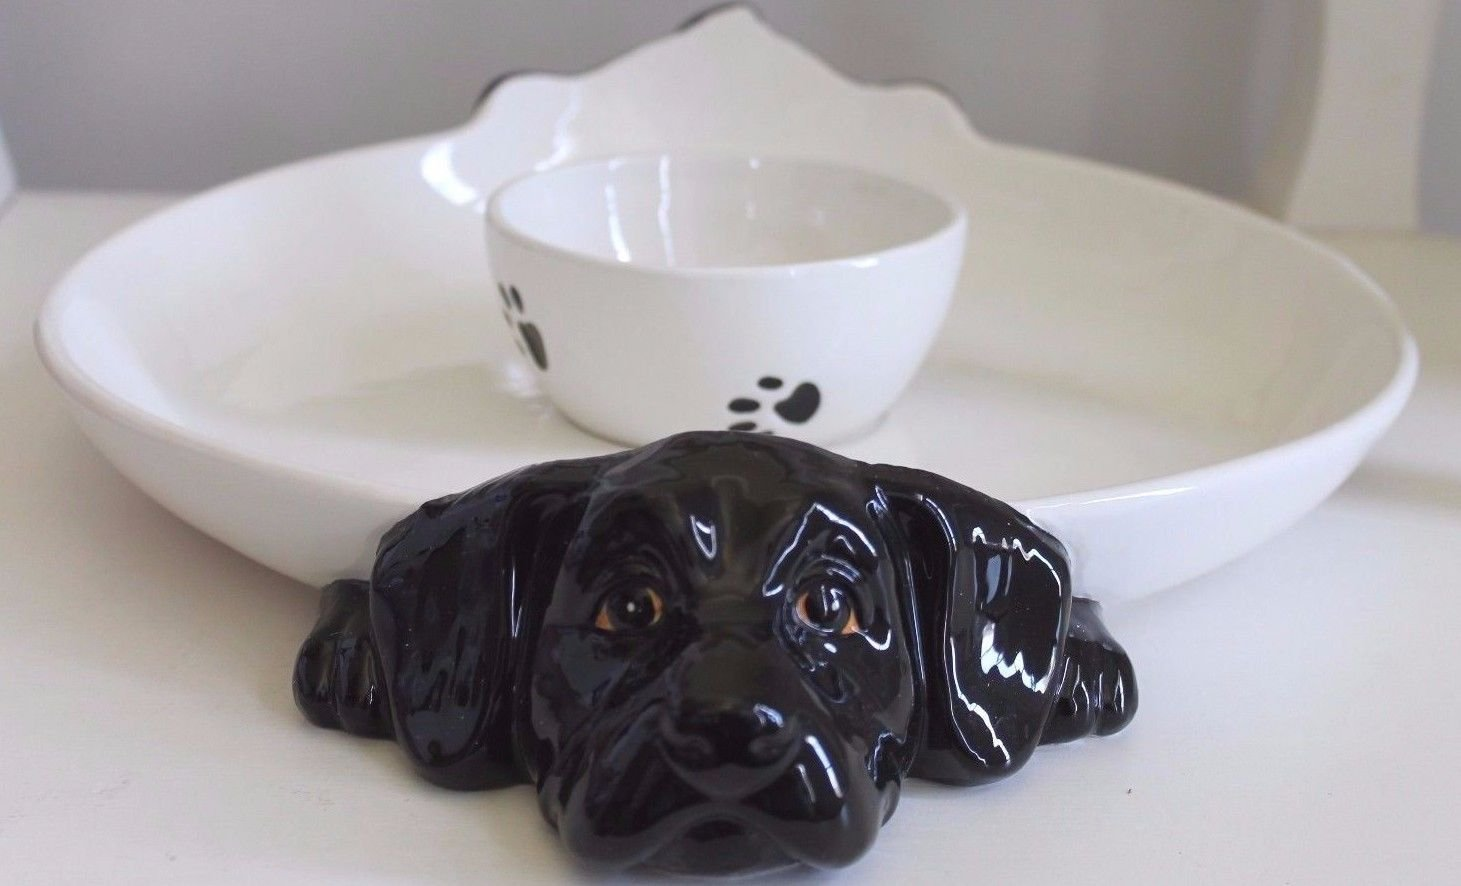 BIG SKY CARVERS BIG SKY CANINE BLACK LABRADOR RETRIEVER DOG CHIP N' DIP SERVING TRAY RETIRED